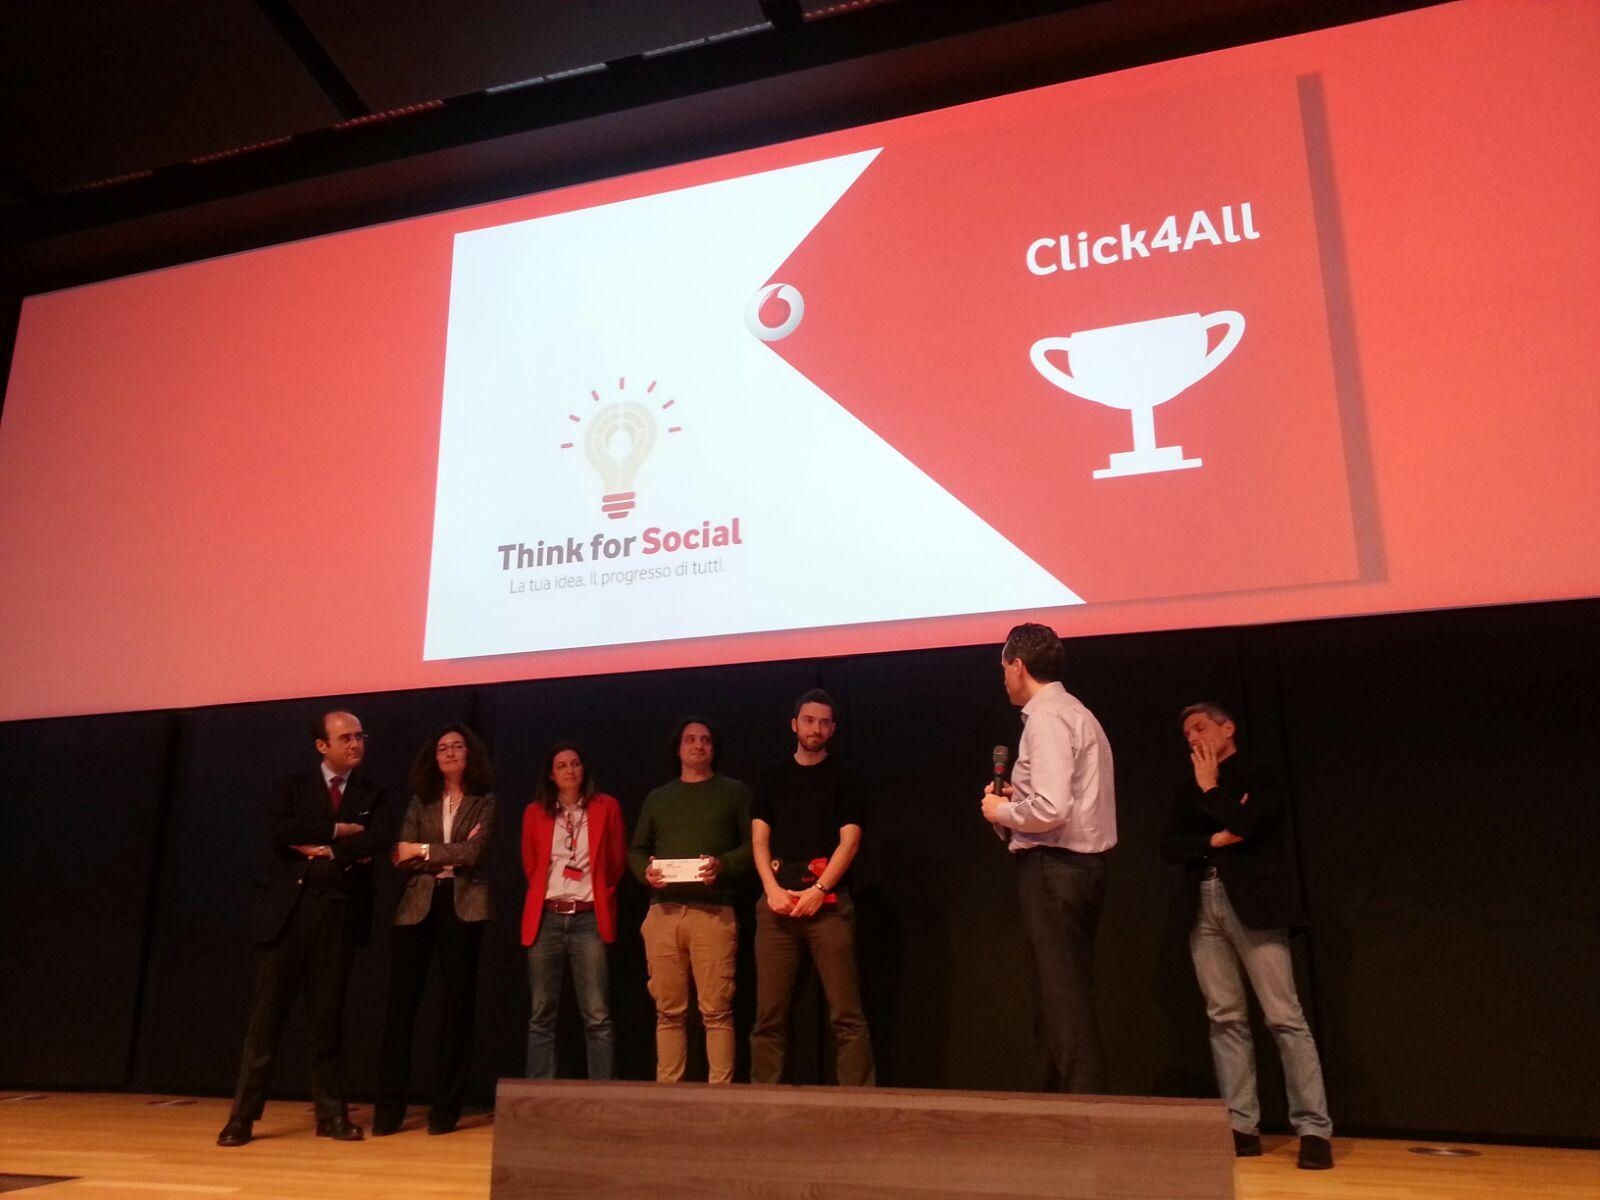 immagine associata a Il nostro progetto Click4All vincitore della selezione finale di Think for Social, il concorso di Fondazione Vodafone Italia